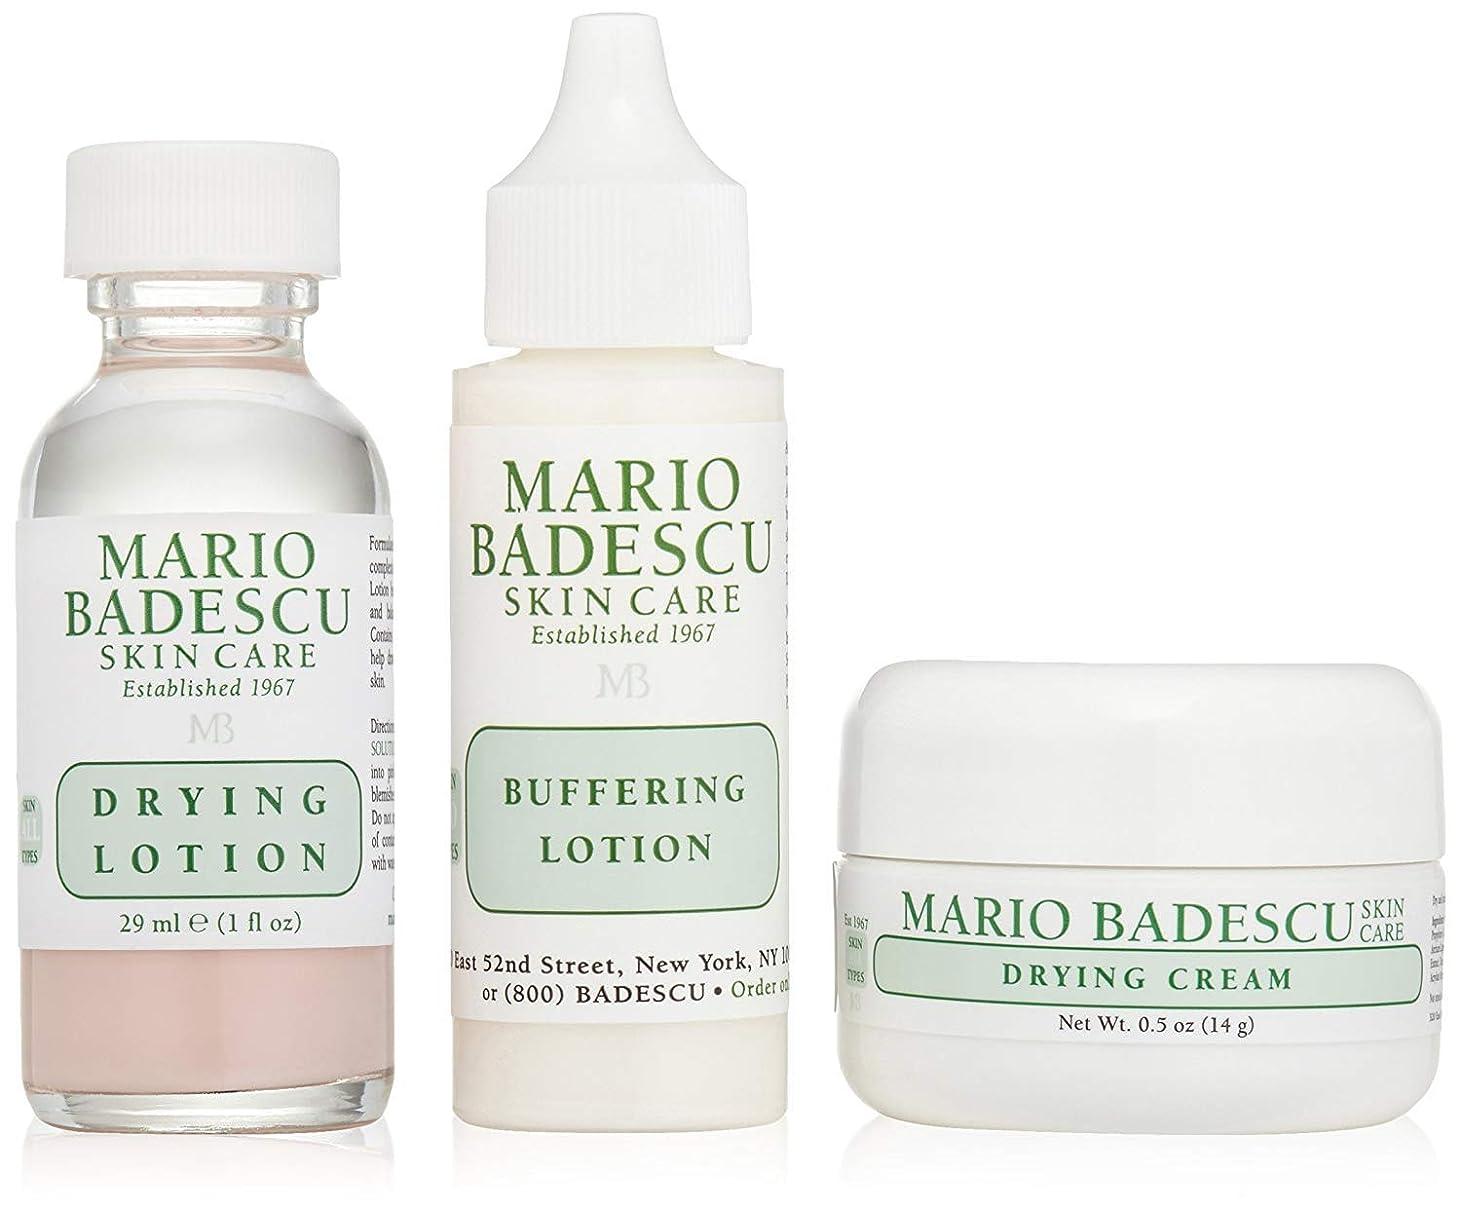 クマノミ笑い一時停止[(マリオ バデスク)] Mario Badescu Acne Repair Kit: Drying Lotion 29ml + Drying Cream 14g + Buffering Lotion 29ml 3pcs] (並行輸入品)